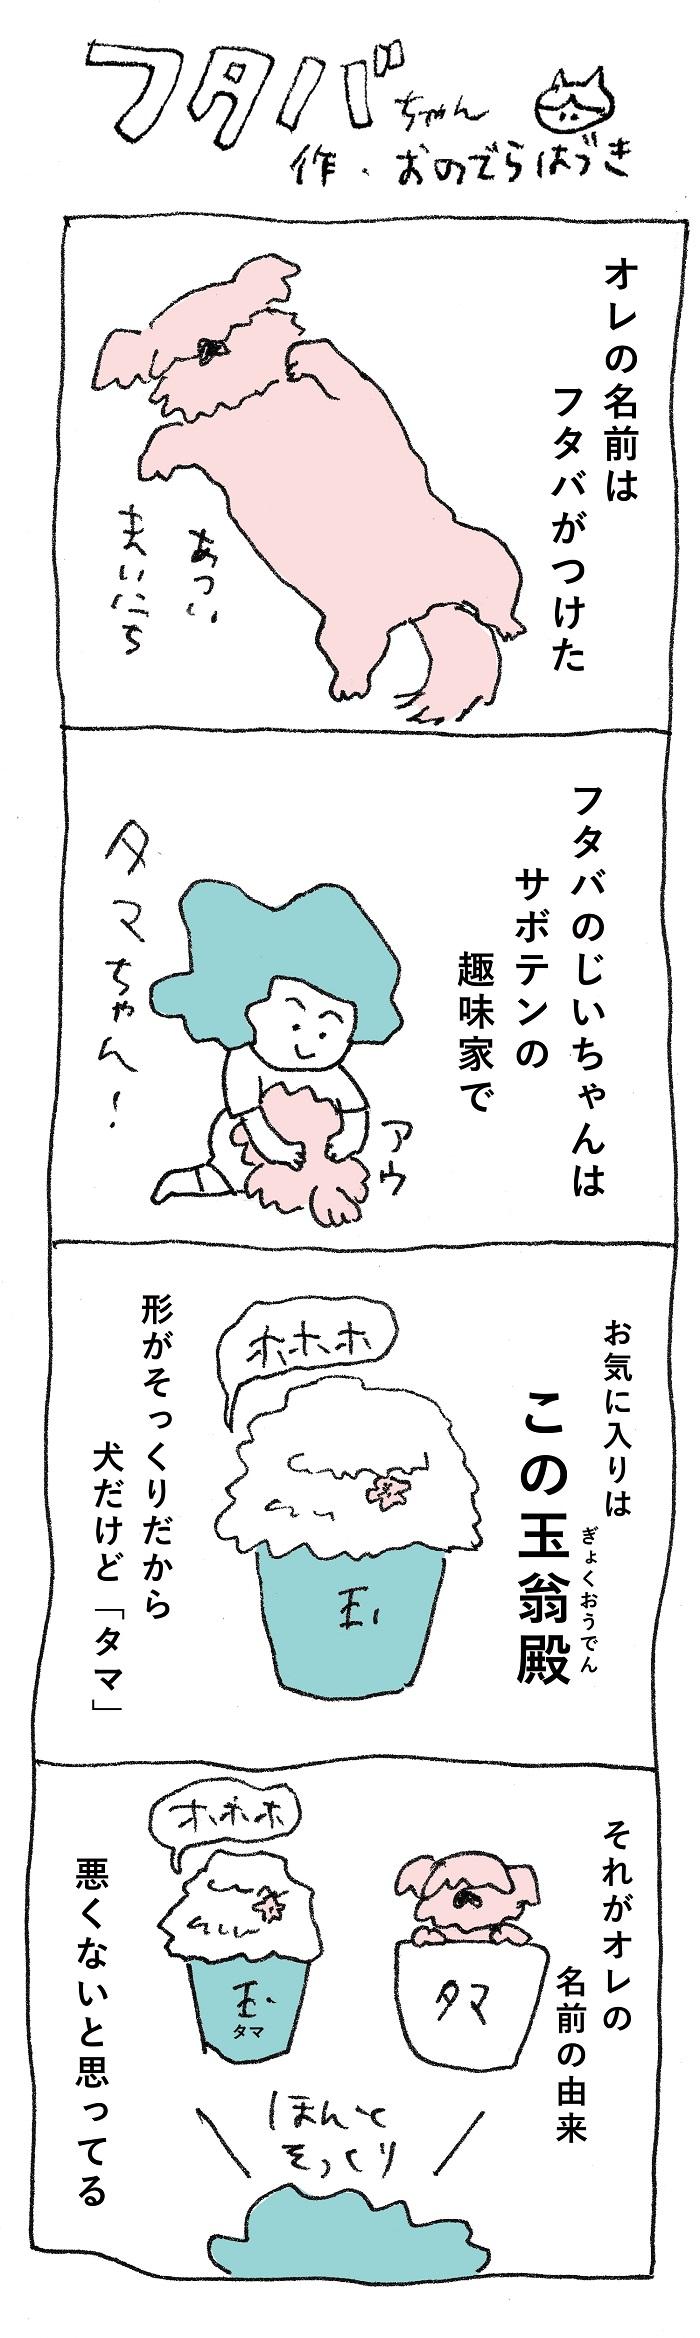 猛暑が続きますね。  ネットニュースで日本の熱中症についてよく見るようになり、心配です。  実はセブでは熱中症はまだメジャーではなく、日射病という言い方しかないそうです。  とはいえ、今年の夏は日本よりも涼しいセブ島。今は雨季なので、夕方ザッと雨が降ると途端に冷え込み、長袖を羽織るぐらい!  昼間暑くて夜寒いので体調を崩す人も多いのですが(私と娘も1週間40度の熱が出ました......)、セブの人たちはさすが海と暮らしているだけあって、風邪をひいたときは海に入るのだとか。  「鼻が出たり喉が痛かったり、咳がある時は海に入るの」。実際試してみましたが、なんと熱が下がりました。海の力すごい......  さて、今回登場した玉翁殿は白い毛がモフモフしているマミラリア属のサボテンですが、フタバのじいちゃんはサボテンの趣味家なので、じいちゃんのところにはサボテンの温室があり、その中にはタマちゃんサイズの玉翁殿がありました。  フタバは赤ちゃんのころからじいちゃんの所に遊びに行ってはふわふわのサボテンを見ていたのです。タマの名前はじいちゃんがつけたのですが赤ちゃんのタマと赤ちゃんのフタバは一緒に大きくなって来たんですね。  *  セブに来てからシーズー犬たまちゃんのモデルになったうちの犬を初めて見たとき、たまたまヘアカット前で伸び放題だったシーズー犬を見て思ったのです。  どこかで見たことがあるフォルムだ......何かに似ていると。  はっ!サボテンだ!サボテンでこういうビジュアルの種類があったはず!  そう。それが玉翁殿!  タマちゃんの名前はそこから取りました。  「犬なのに、タマ?」と言われるのですが、そういう理由なのです。  「オキナちゃん」よりしっくり来たのです。オキナちゃんもかわいいんだけどね......。  *  昔私も玉翁殿を育てていたことがあります。でも、私のようなサボテン素人には元気かどうかが見分けられず、枯らしてしまいました。  モフモフした毛の中で根が痩せてしまったのに気が付かなかったのです。  可愛らしいピンクの花を楽しみにしていたのですが、かわいそうなことをしたものです。